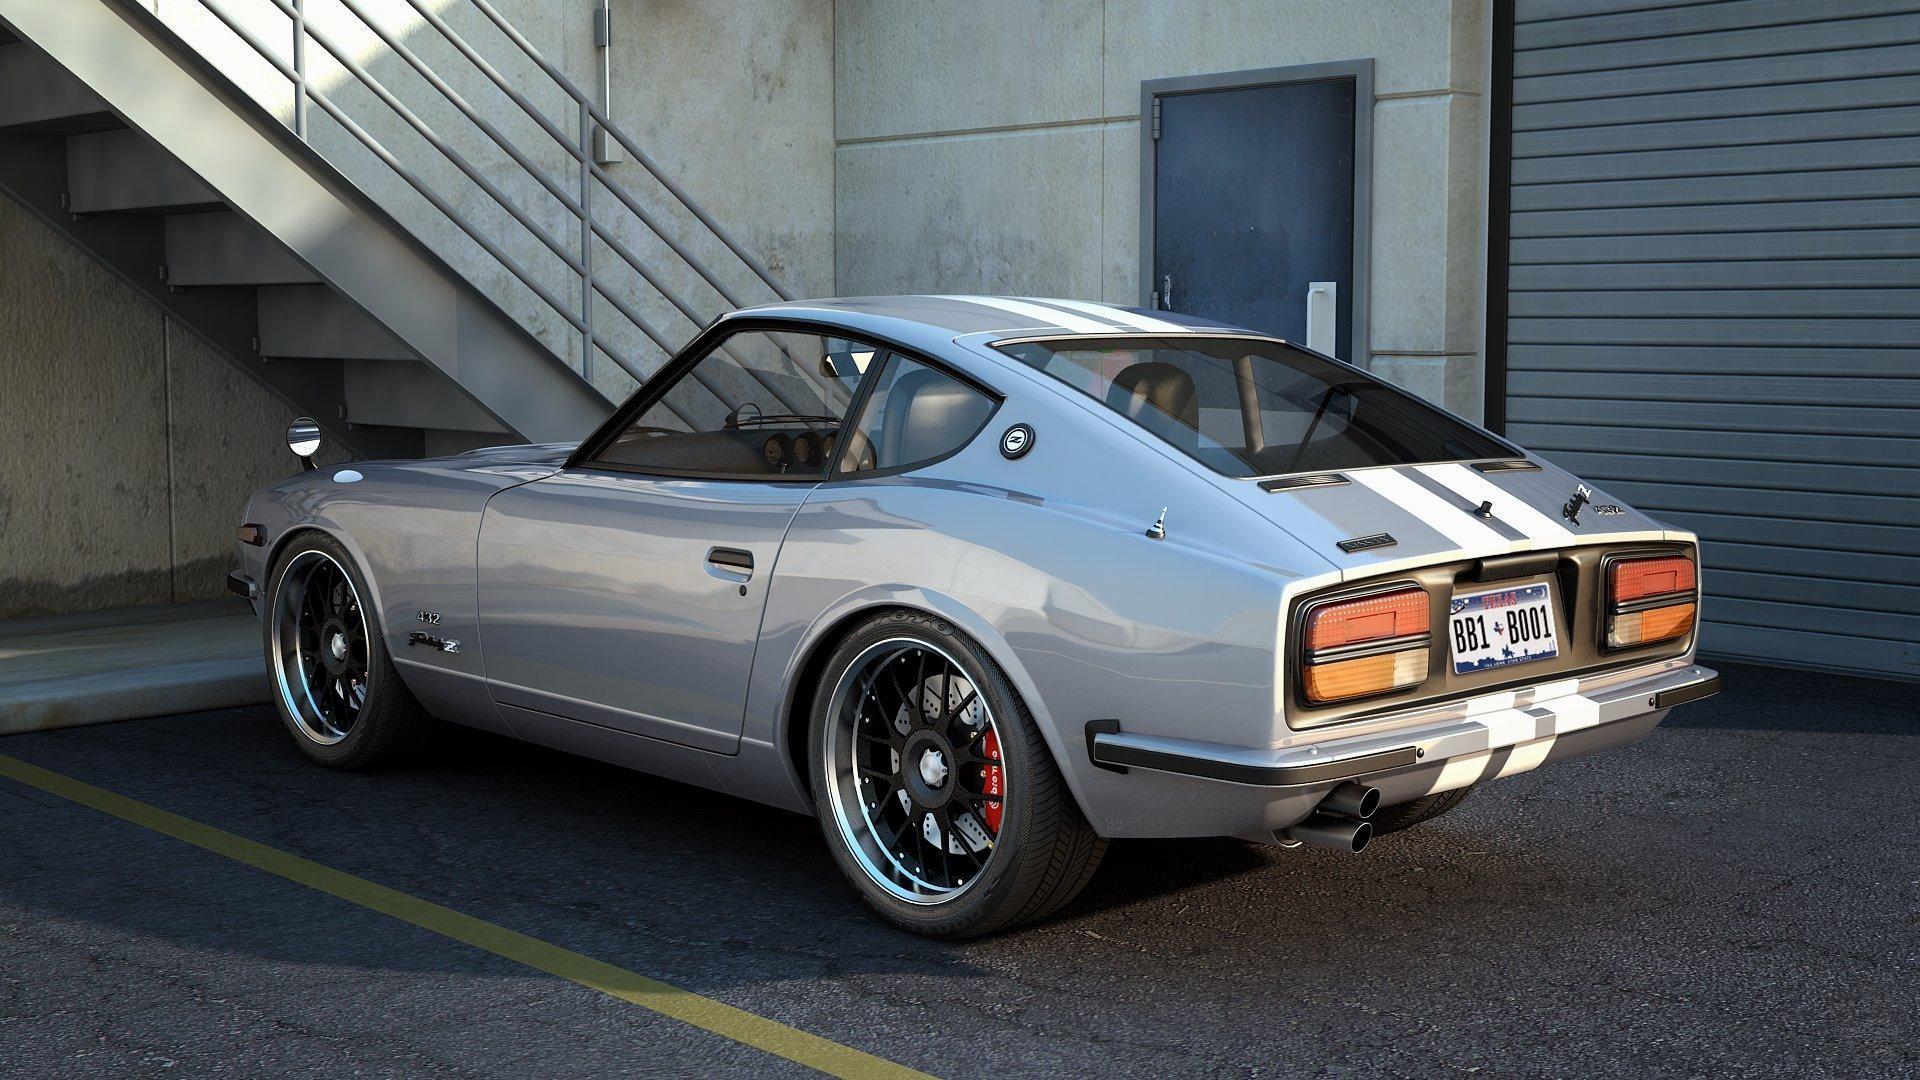 wallpaper.wiki-Download-Free-Nissan-Datsun-240Z-Wallpaper-